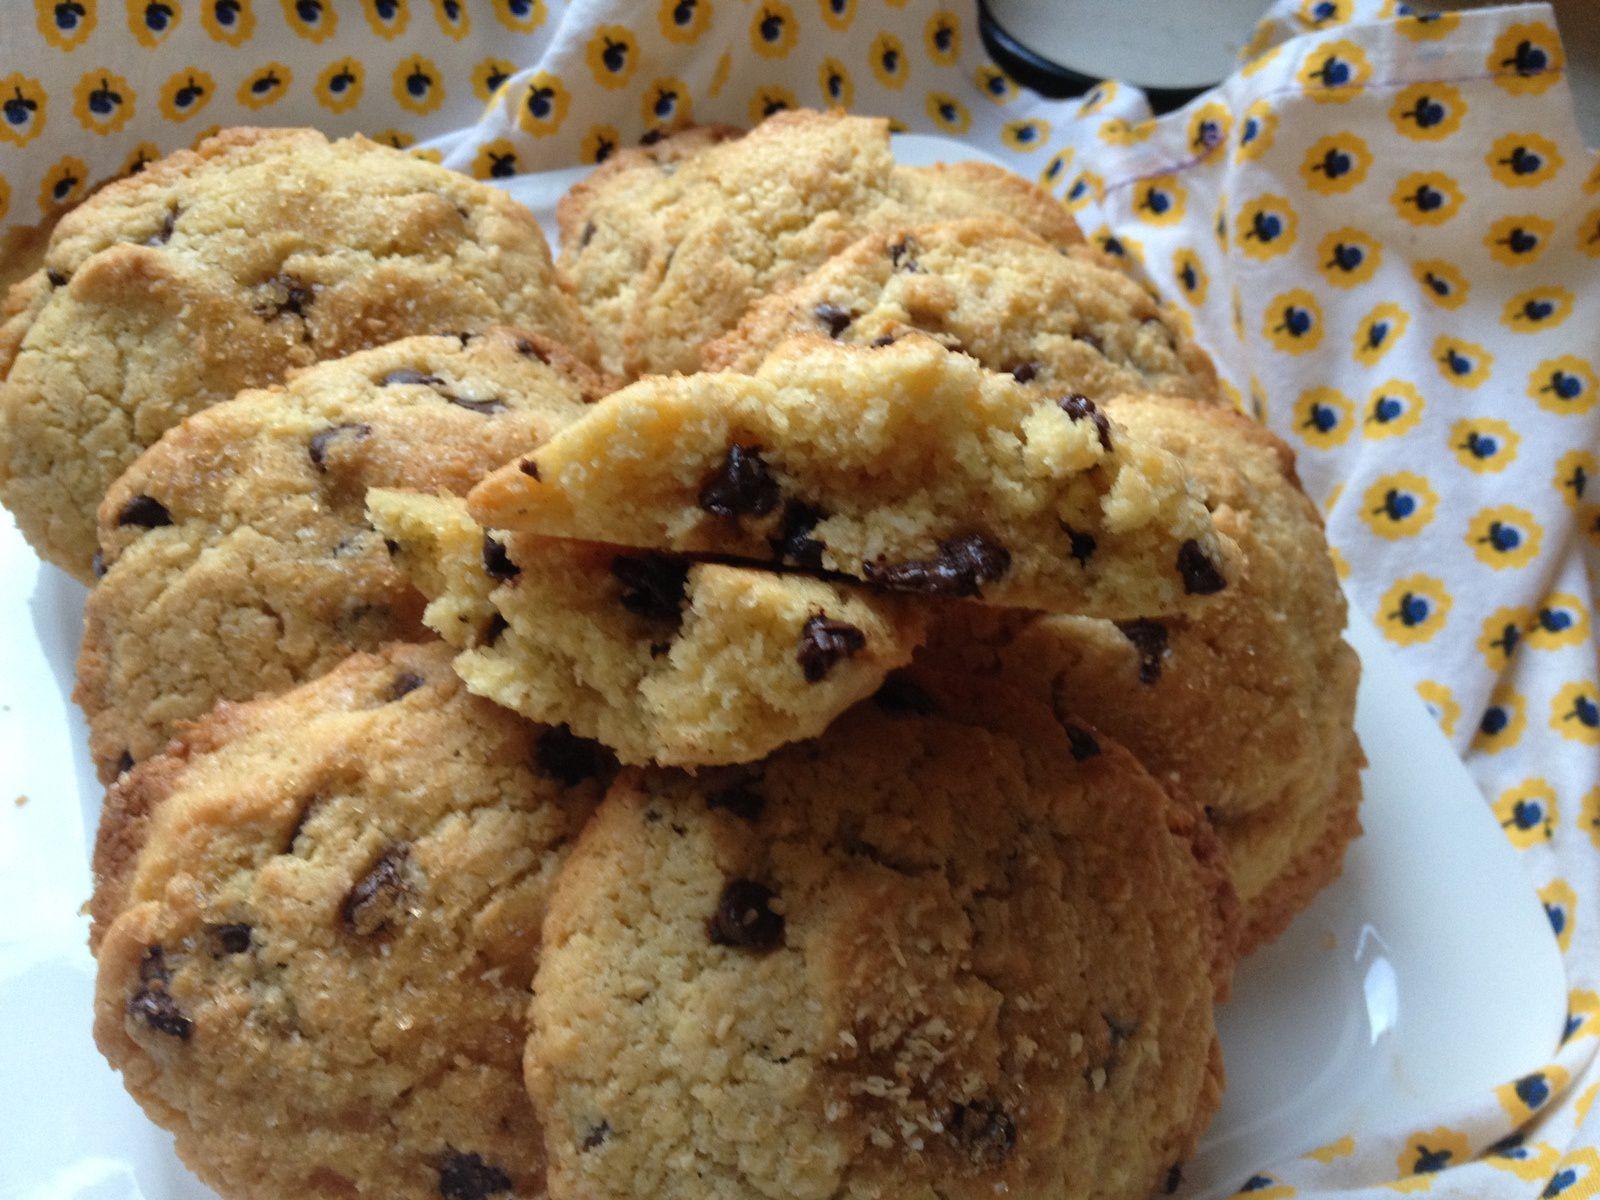 cookies sablés à la noix de coco et pépites de chocolat (pour utiliser des jaunes d'oeuf)